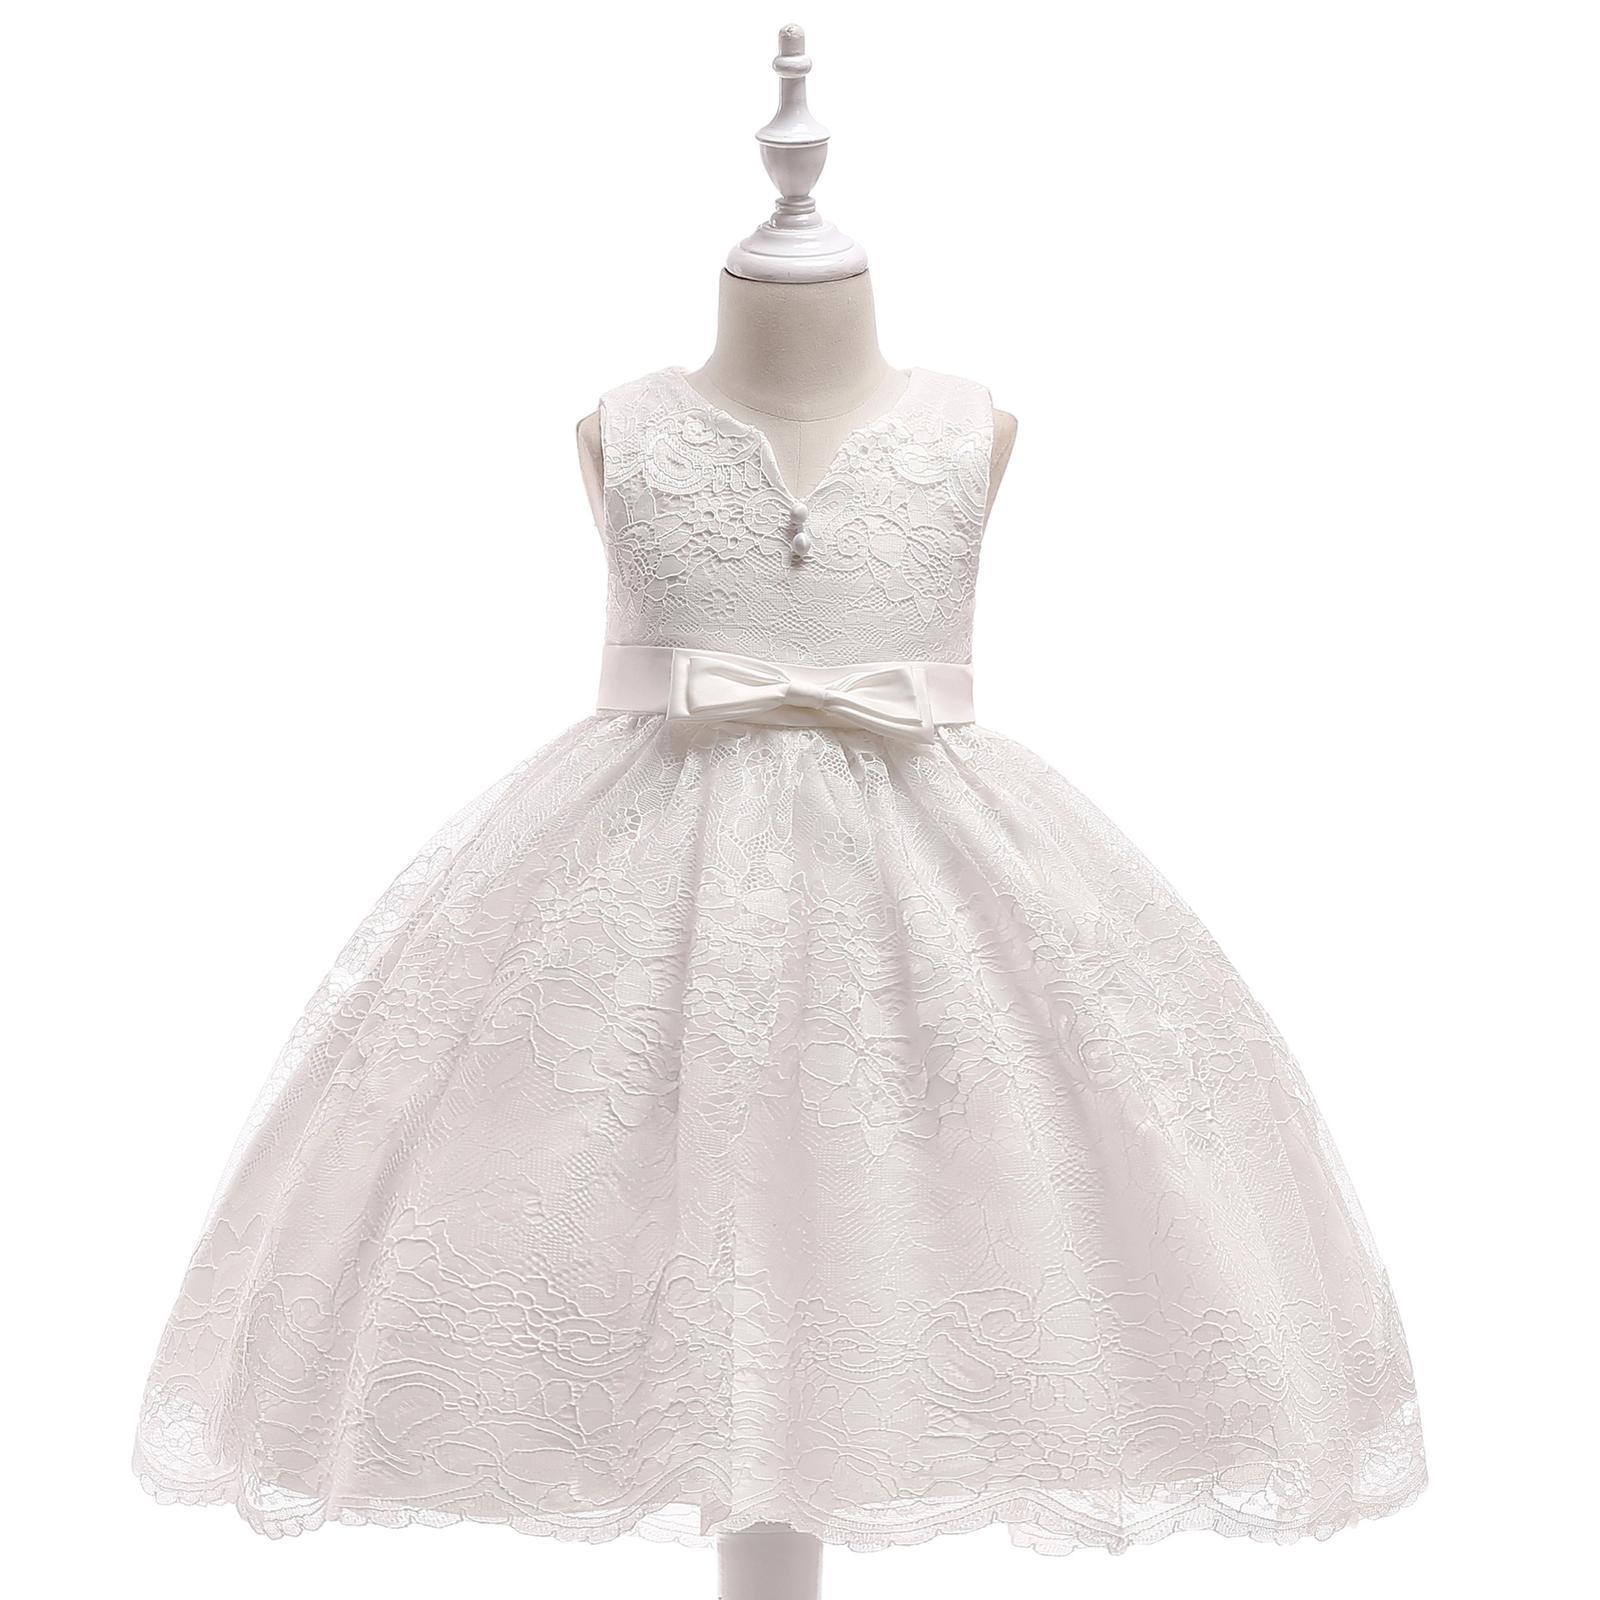 Detské šaty L5020 - skladom - Obrázok č. 1